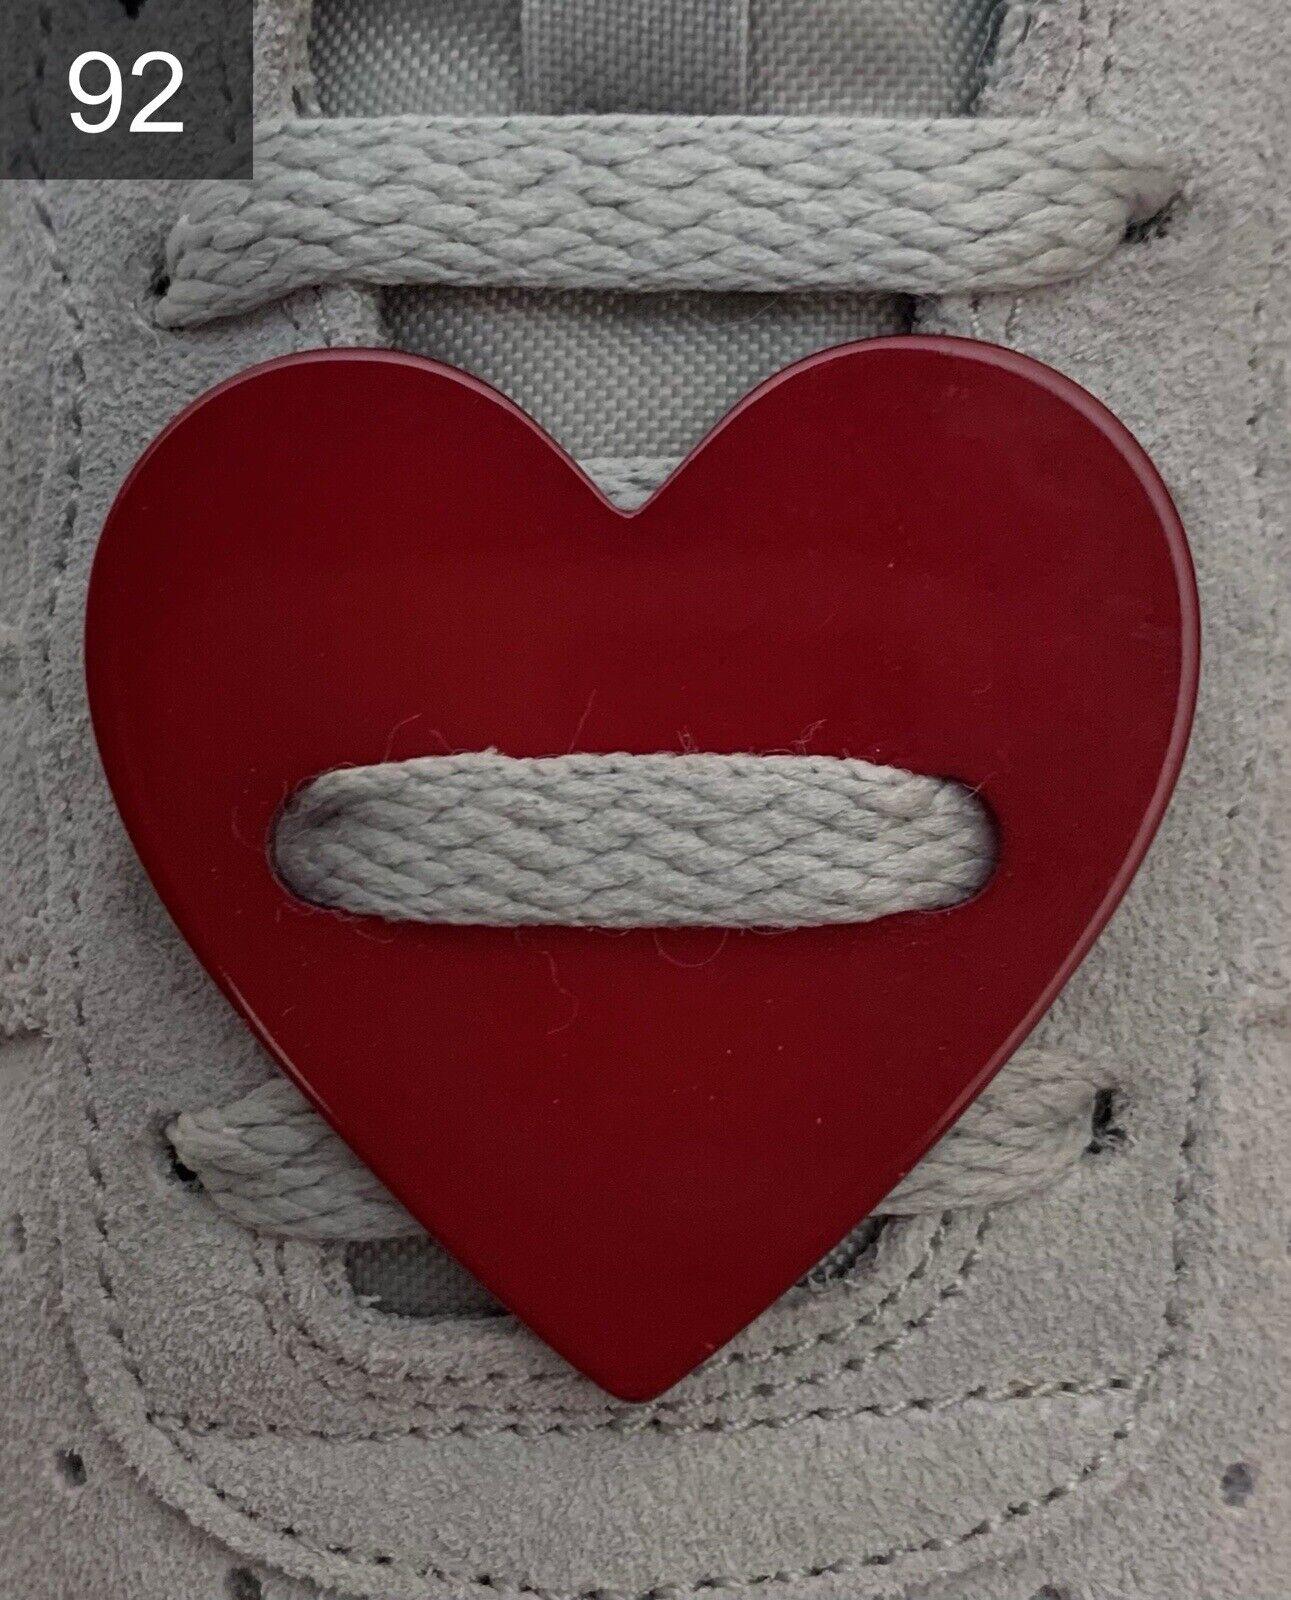 ❤ nuevo Dr. Martens converse hebillas intercambiables Lace Locks Buckles corazón ❤